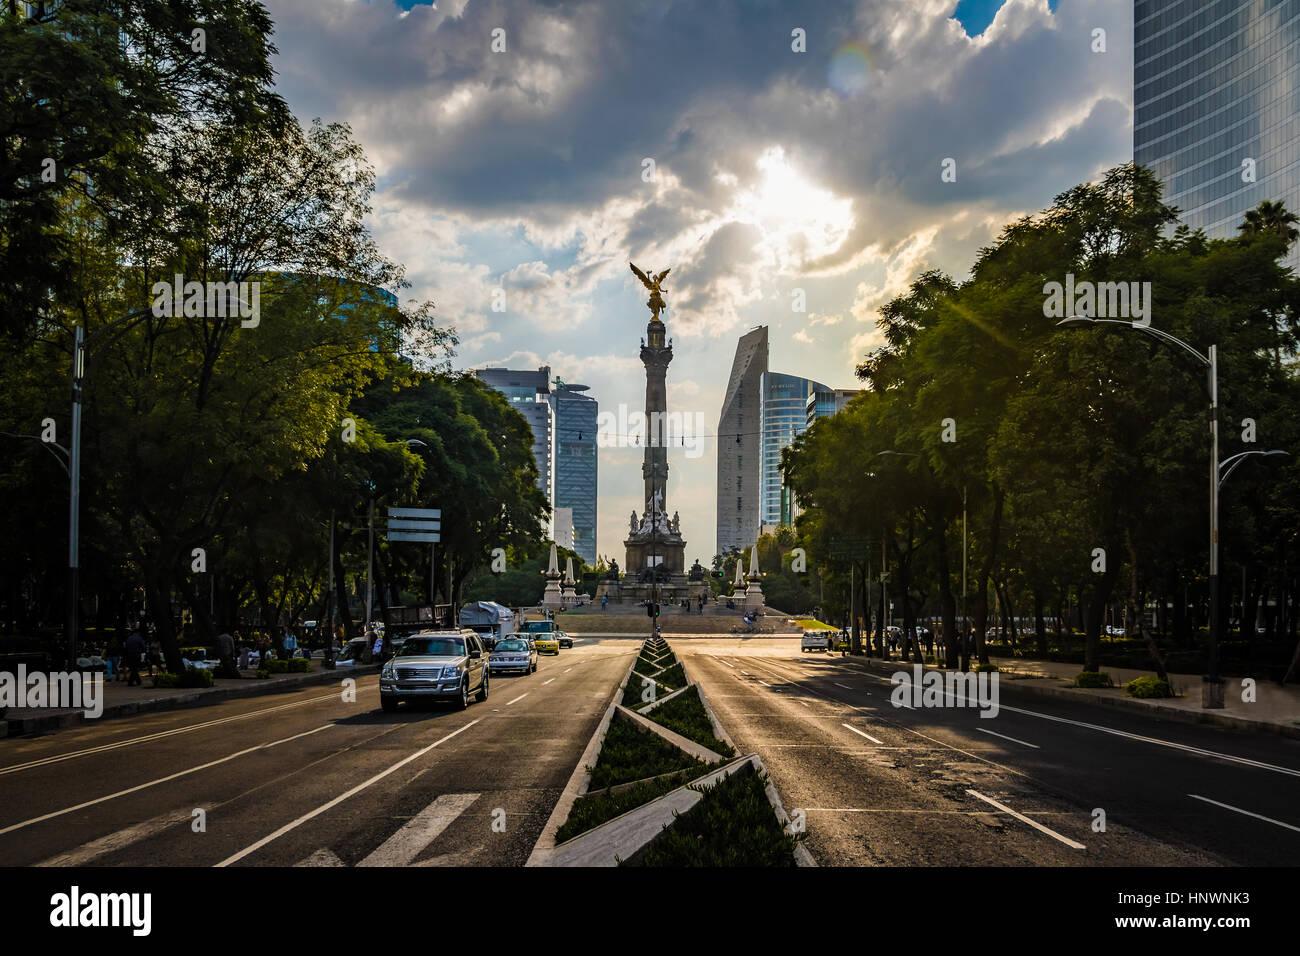 Paseo de la Reforma Avenue e l'Angel di indipendenza monumento - Città del Messico, Messico Immagini Stock